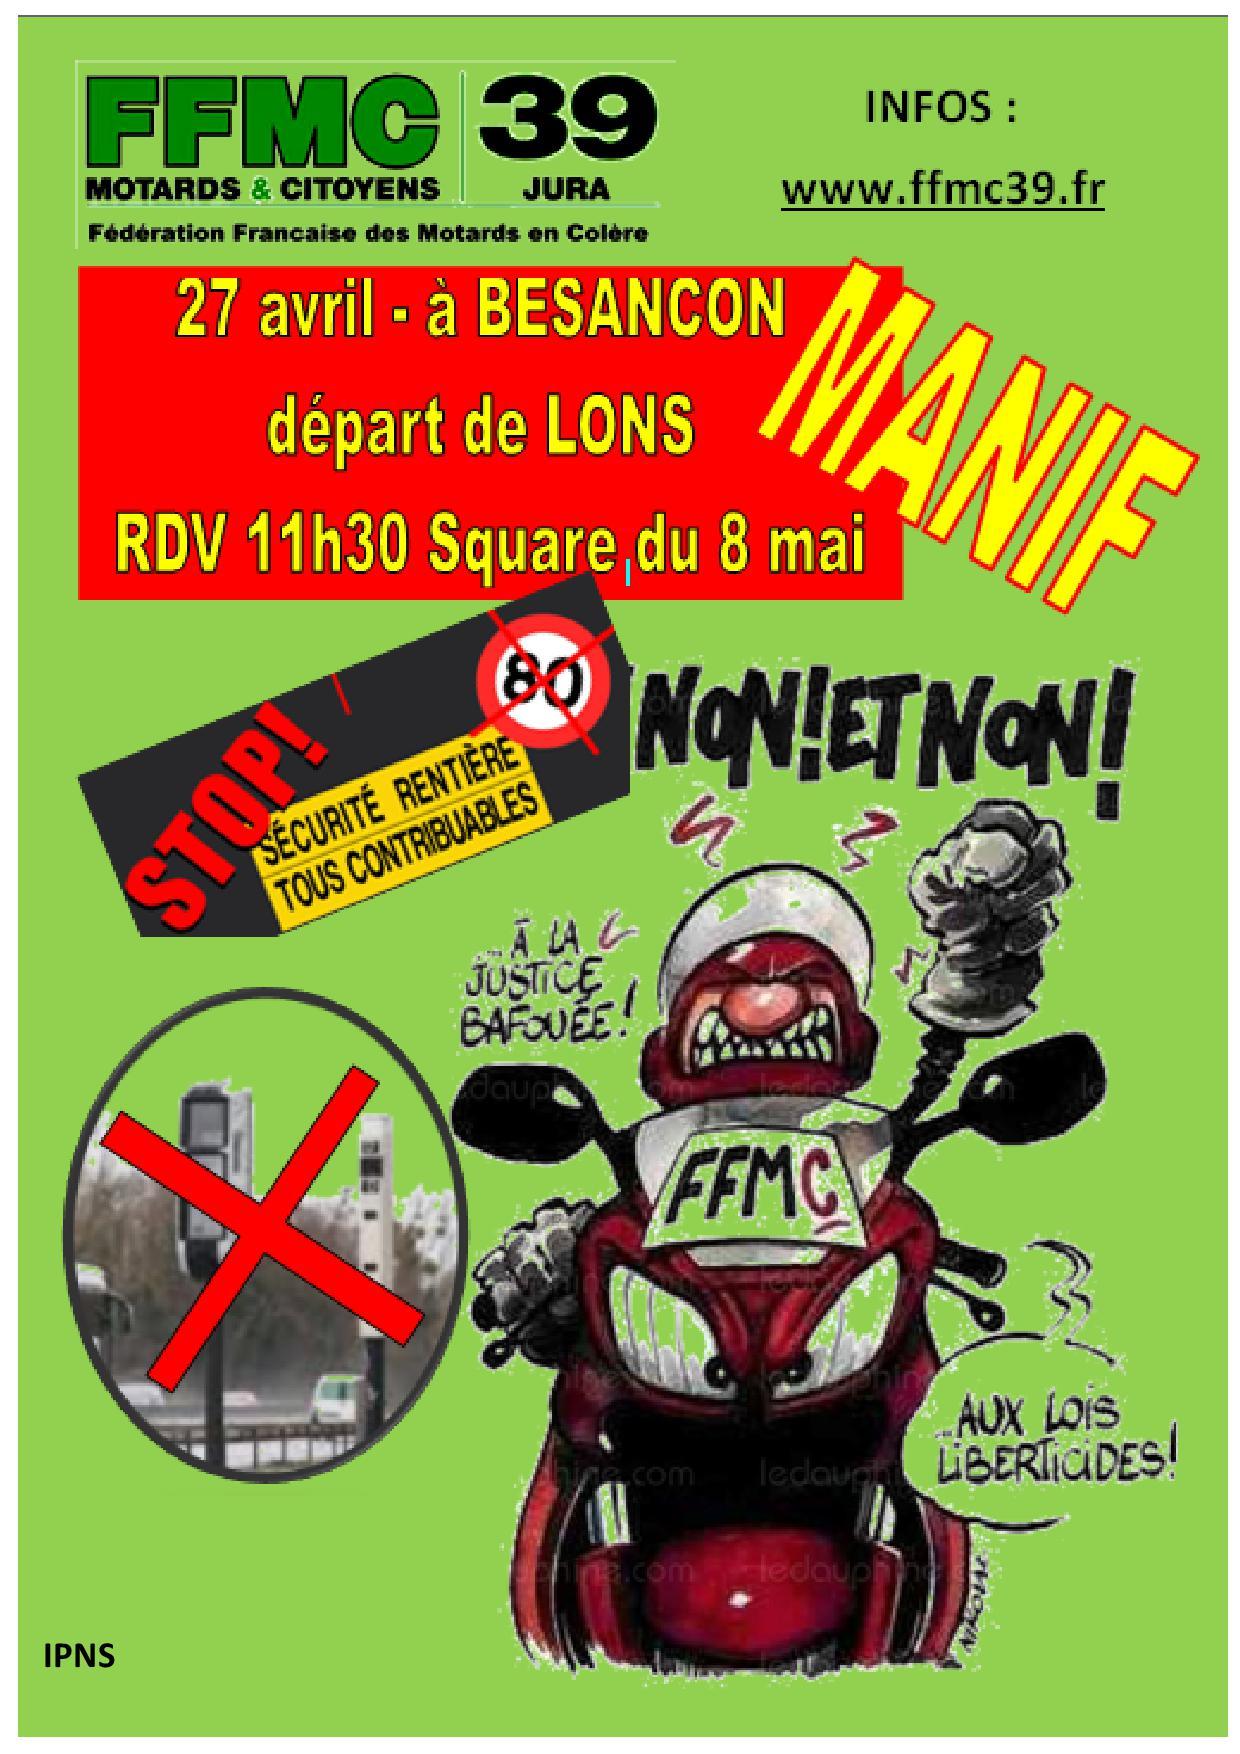 La FFMC 39 appelle les motards à manifester samedi 27 avril